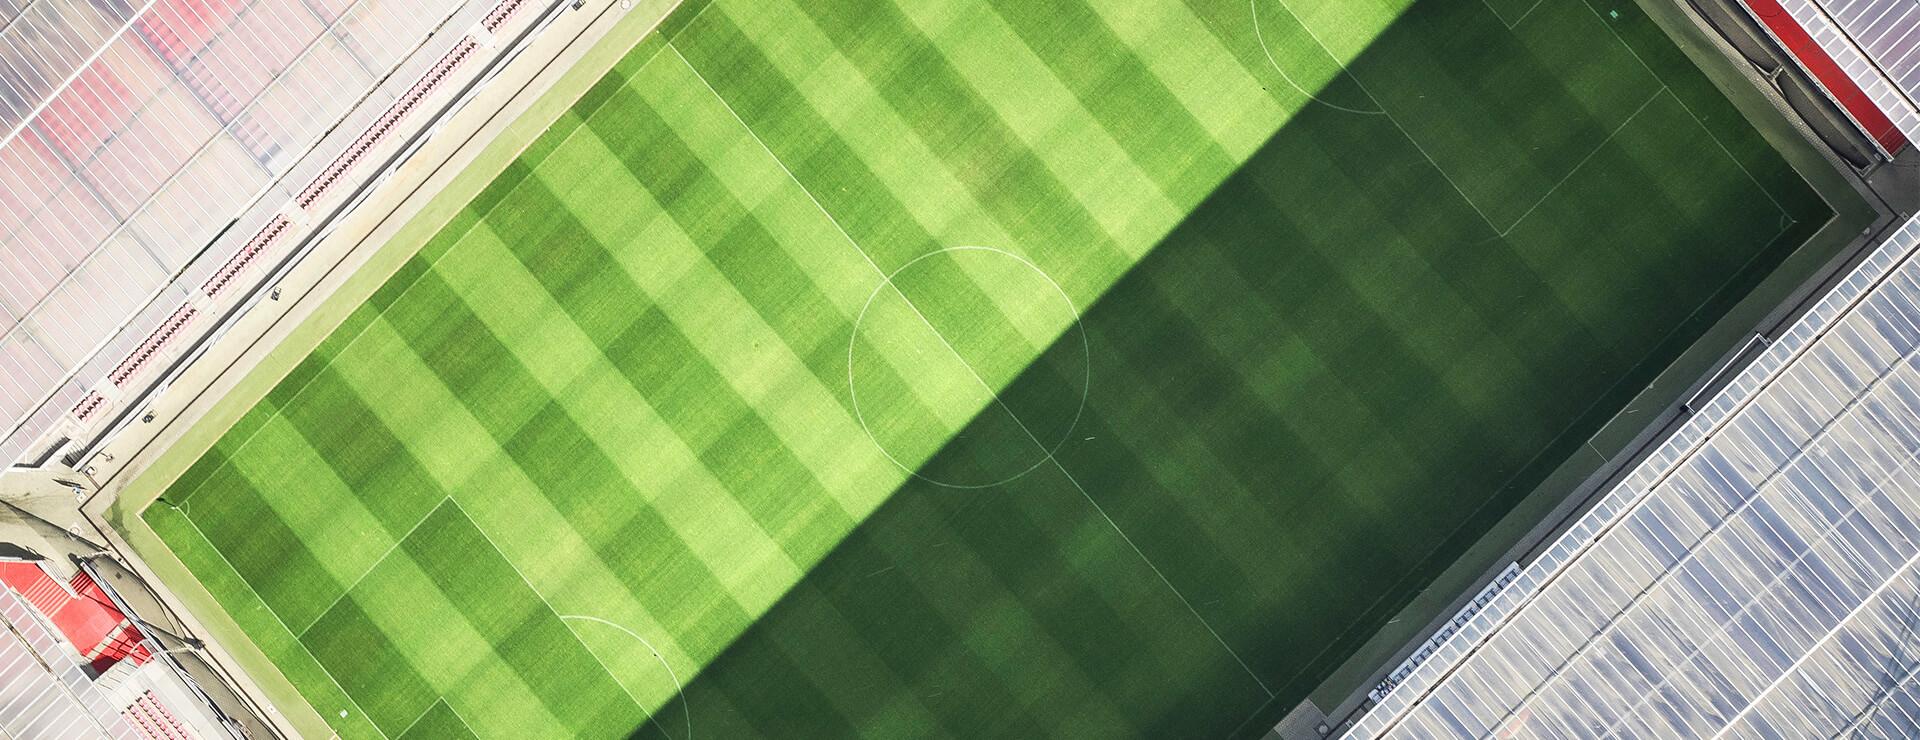 Fußballstadion von oben. Eine Hälfte des Platzes liegt in der Sonne. Die andere Hälfte liegt im Schatten.